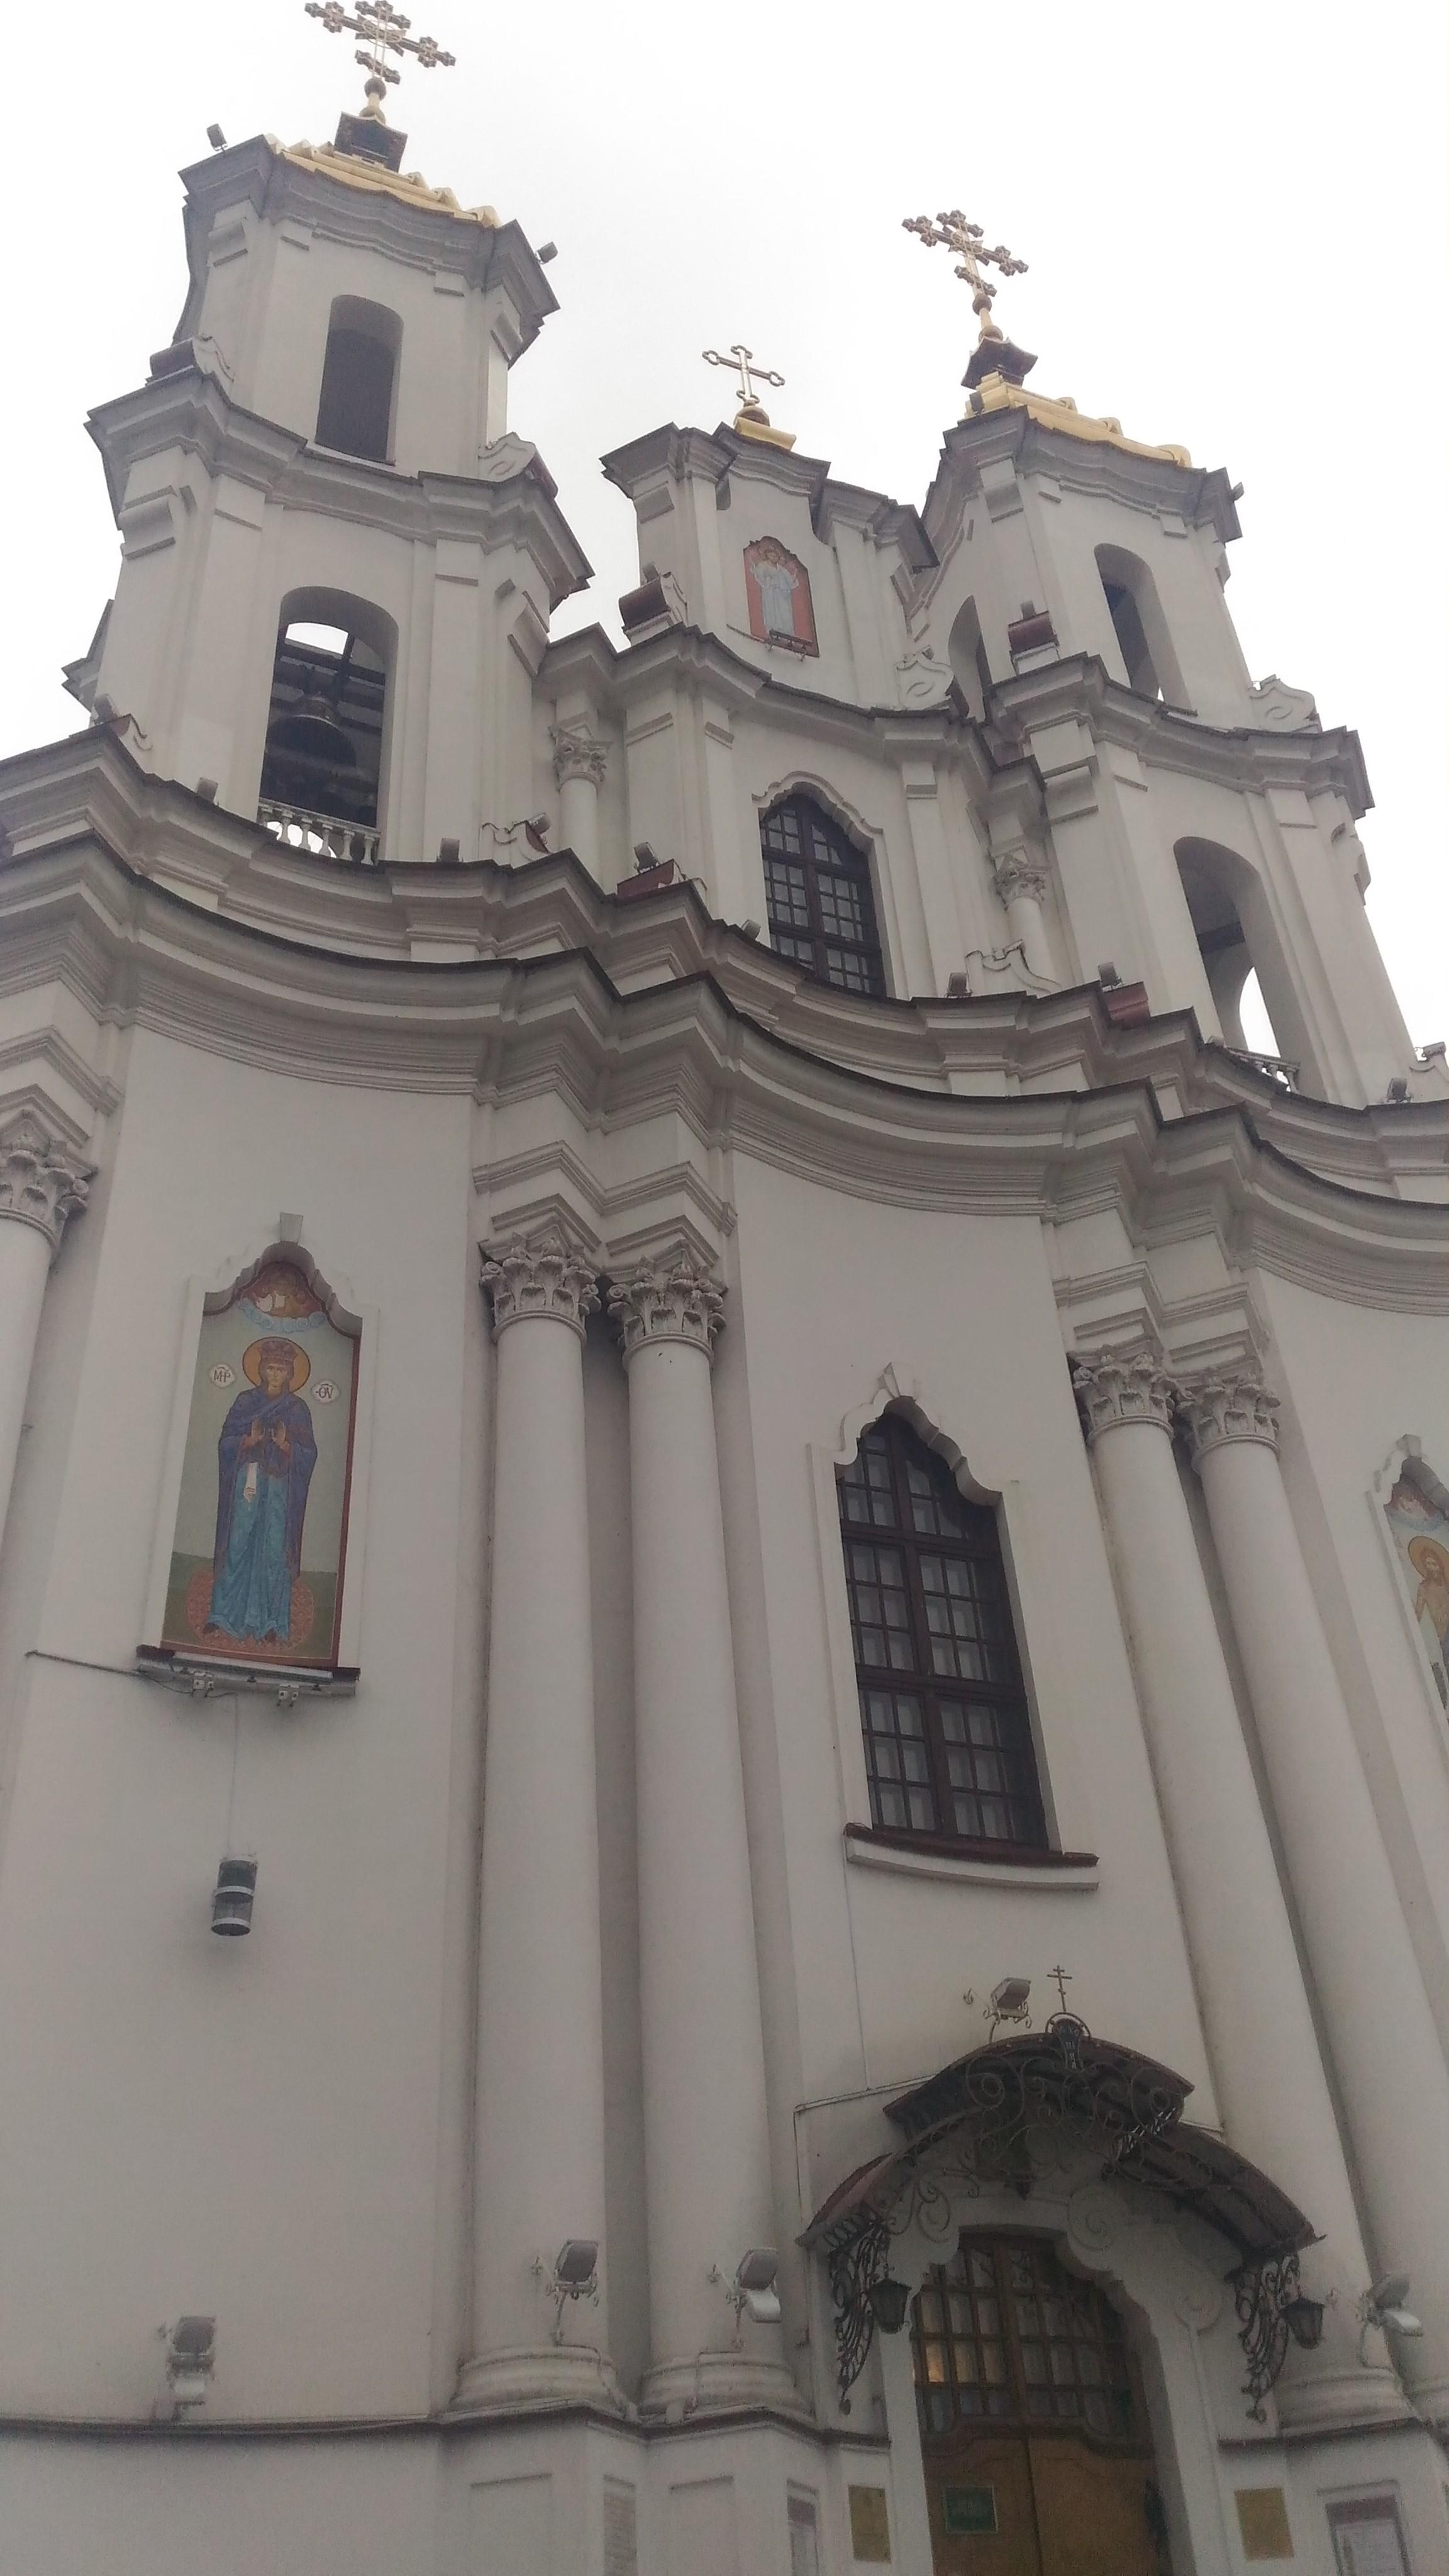 P 20191109 110440 1 - Свято-Воскресенская церковь в Витебске